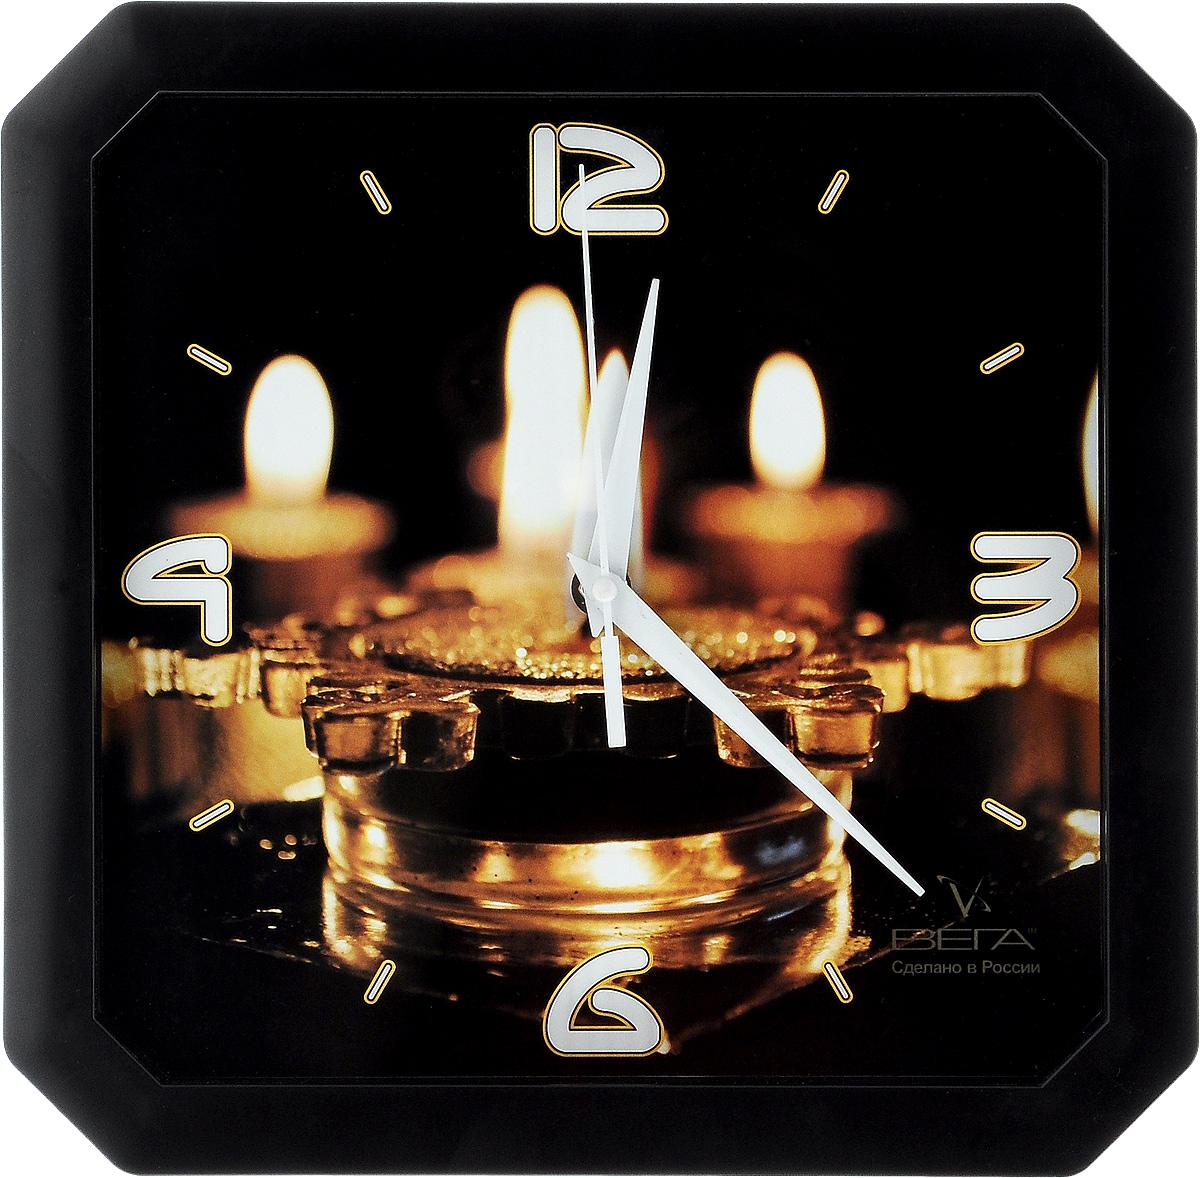 Часы настенные Вега Свечи, 28 х 28 смП2-9/7-12Настенные кварцевые часы Вега Свечи, изготовленные из пластика, прекрасно впишутся в интерьер вашего дома. Часы имеют три стрелки: часовую, минутную и секундную, циферблат защищен прозрачным стеклом. Часы работают от 1 батарейки типа АА напряжением 1,5 В (не входит в комплект).Прилагается инструкция по эксплуатации.